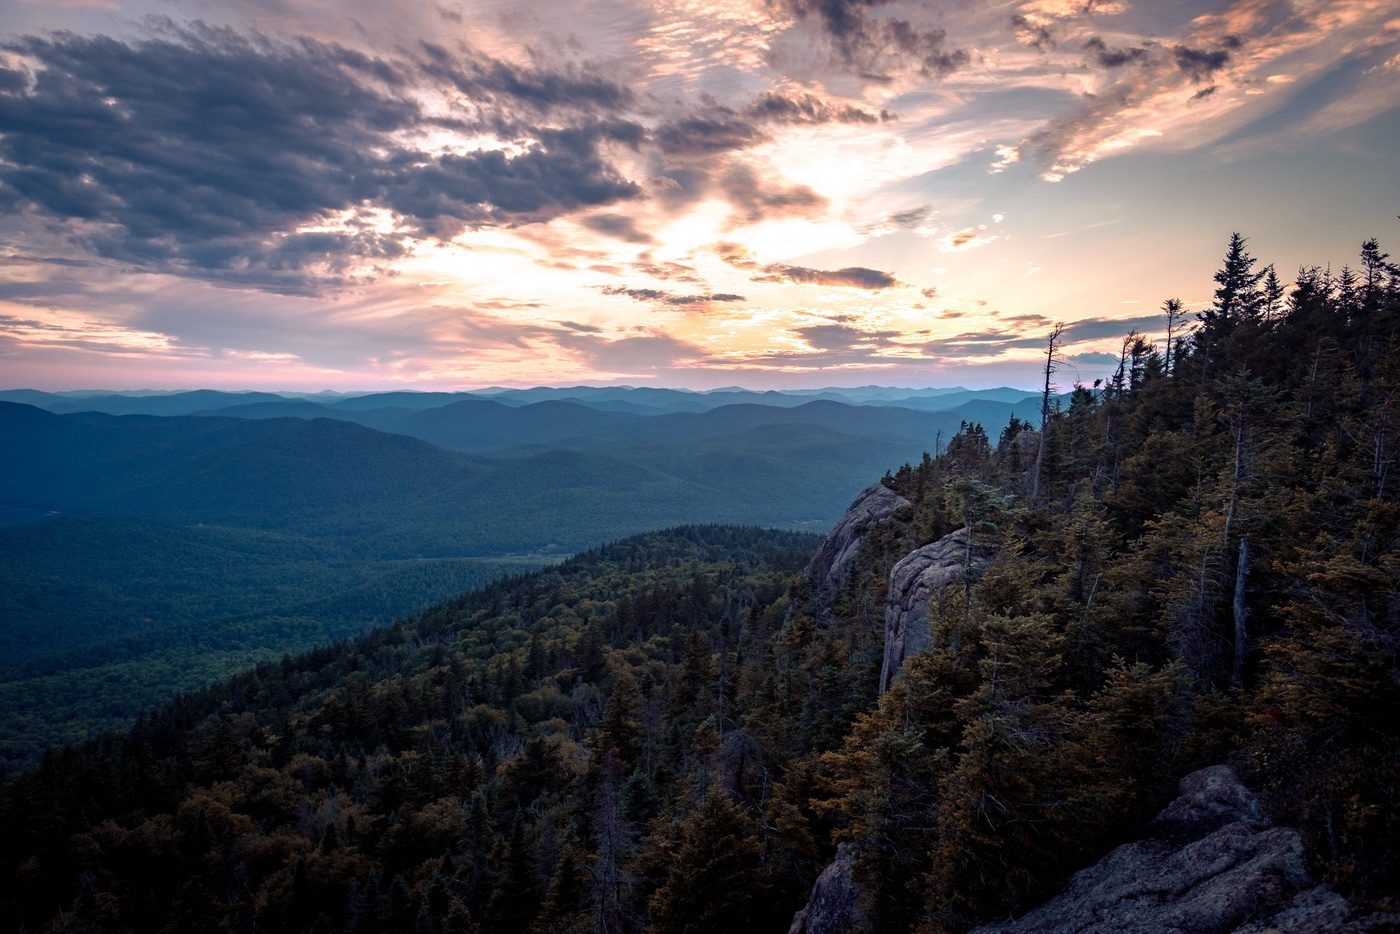 crane mountain summit at sunset